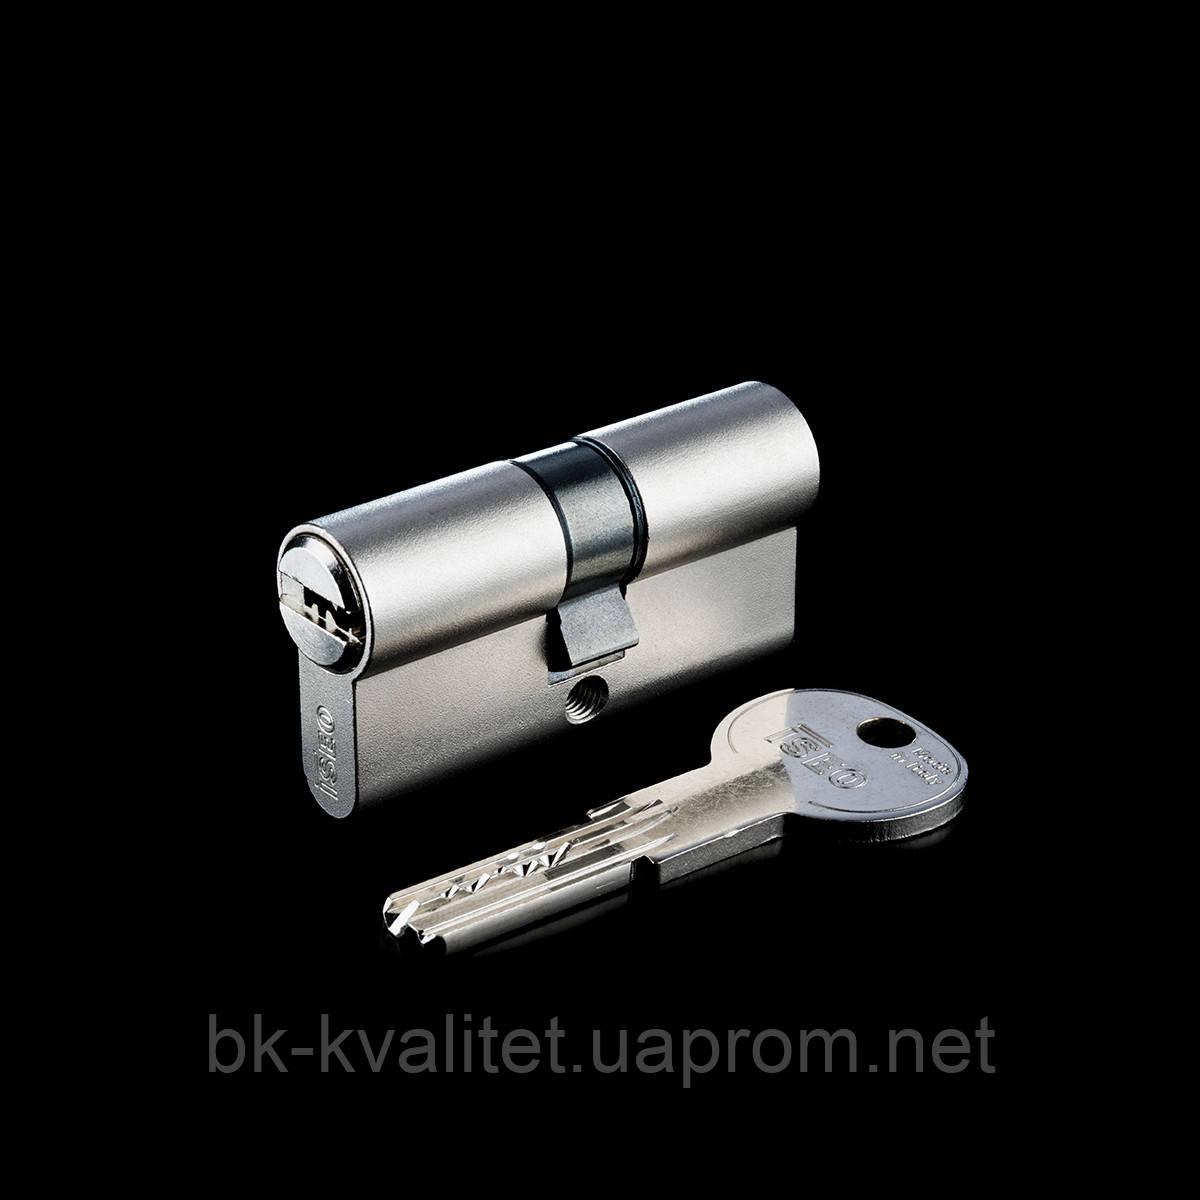 Цилиндр ISEO R6 120 (60х60) ключ/ключ, никель